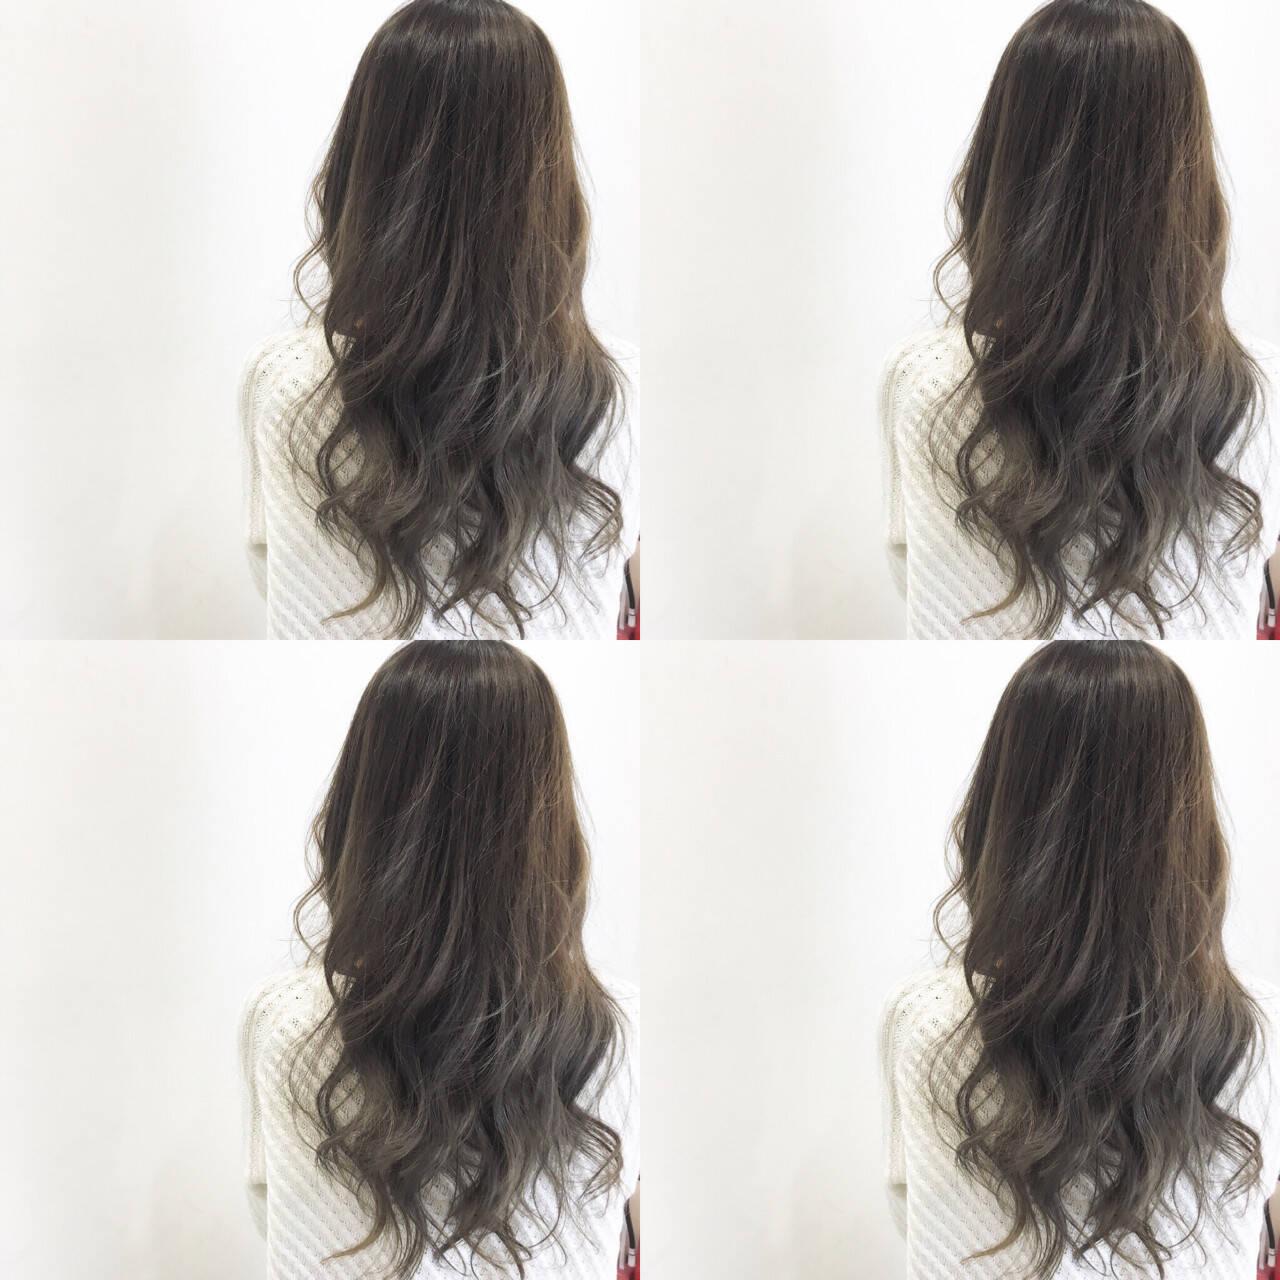 外国人風 ナチュラル グラデーションカラー ハイライトヘアスタイルや髪型の写真・画像